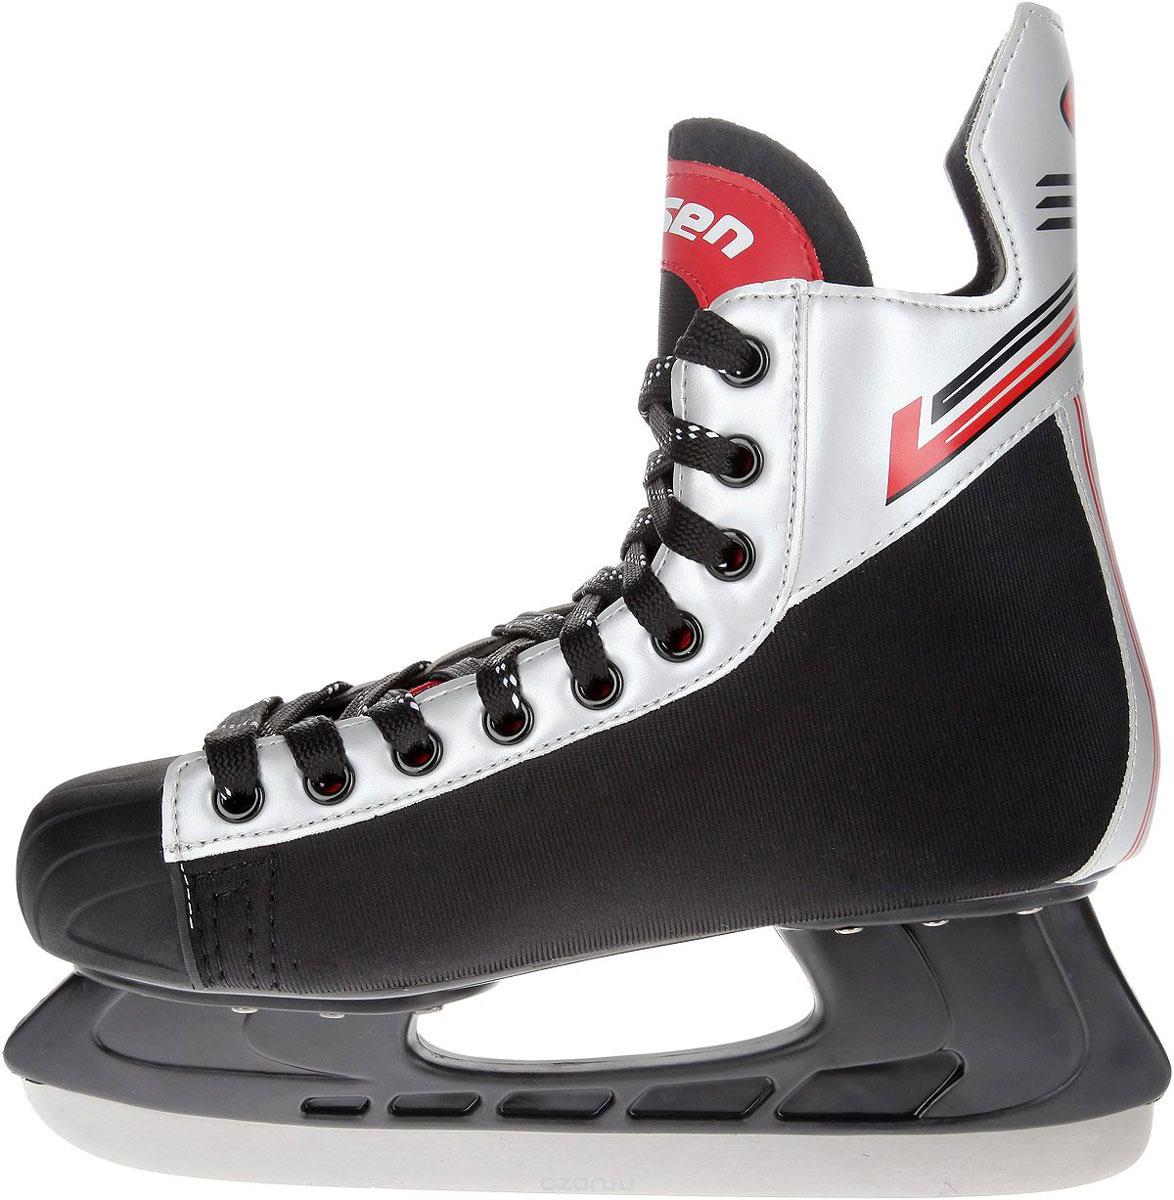 Коньки хоккейные мужские Larsen Alex, цвет: черный, серебристый, красный. Размер 39Atemi Force 3.0 2012 Black-GrayСтильные коньки Alex от Larsen прекрасно подойдут для начинающих игроков в хоккей. Ботиноквыполнен из нейлона и морозоустойчивого поливинилхлорида. Мыс дополнен вставкой изполиуретана, которая защитит ноги от ударов. Внутренний слой изготовлен из мягкого текстиля,который обеспечит тепло и комфорт во время катания, язычок - из войлока. Плотная шнуровканадежно фиксирует модель на ноге. Голеностоп имеет удобный суппорт. Стелька из EVA стекстильной поверхностью обеспечит комфортное катание. Стойка выполнена изударопрочного полипропилена. Лезвие из нержавеющей стали обеспечит превосходноескольжение. В комплект входят пластиковые чехлы для лезвий.